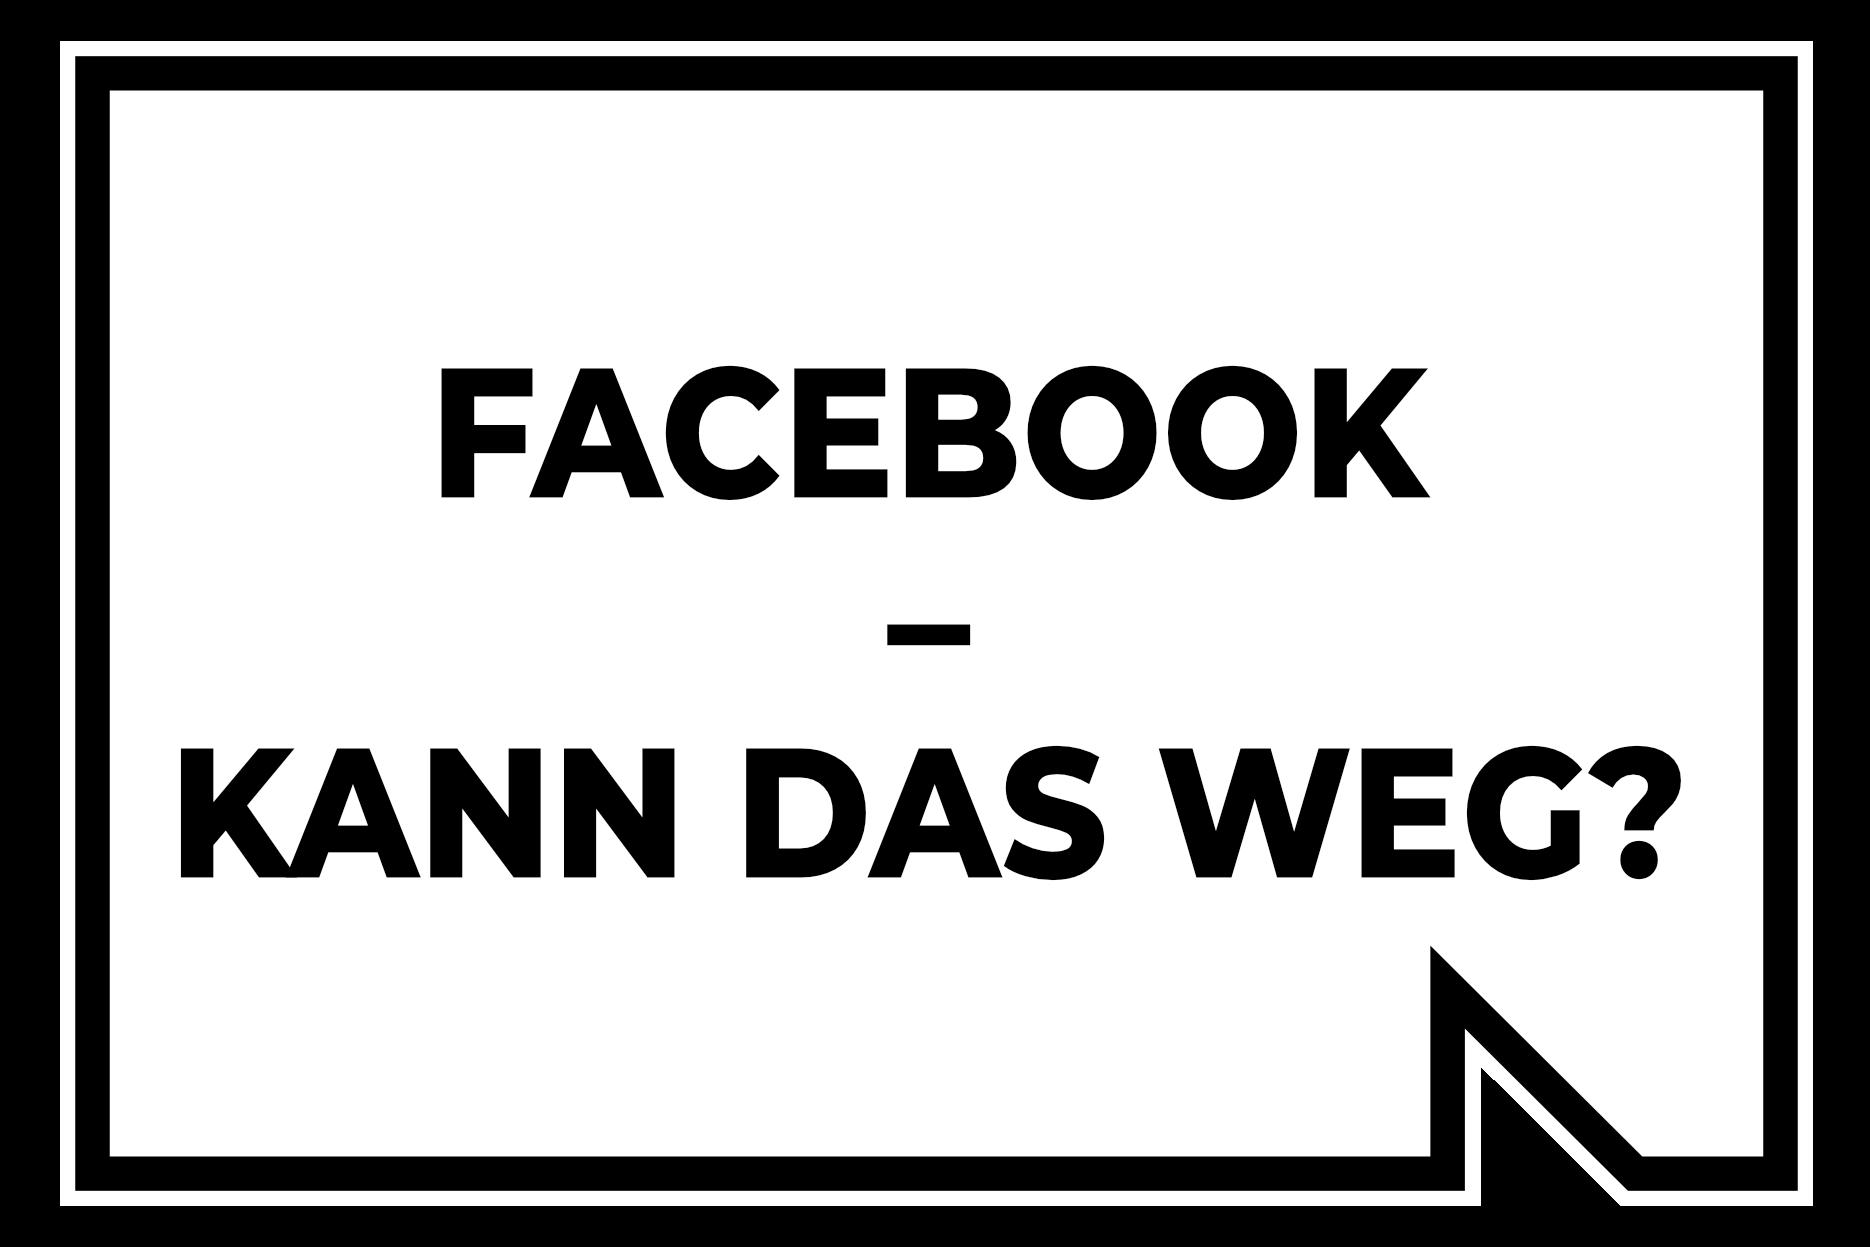 Facebook Freunde Weg